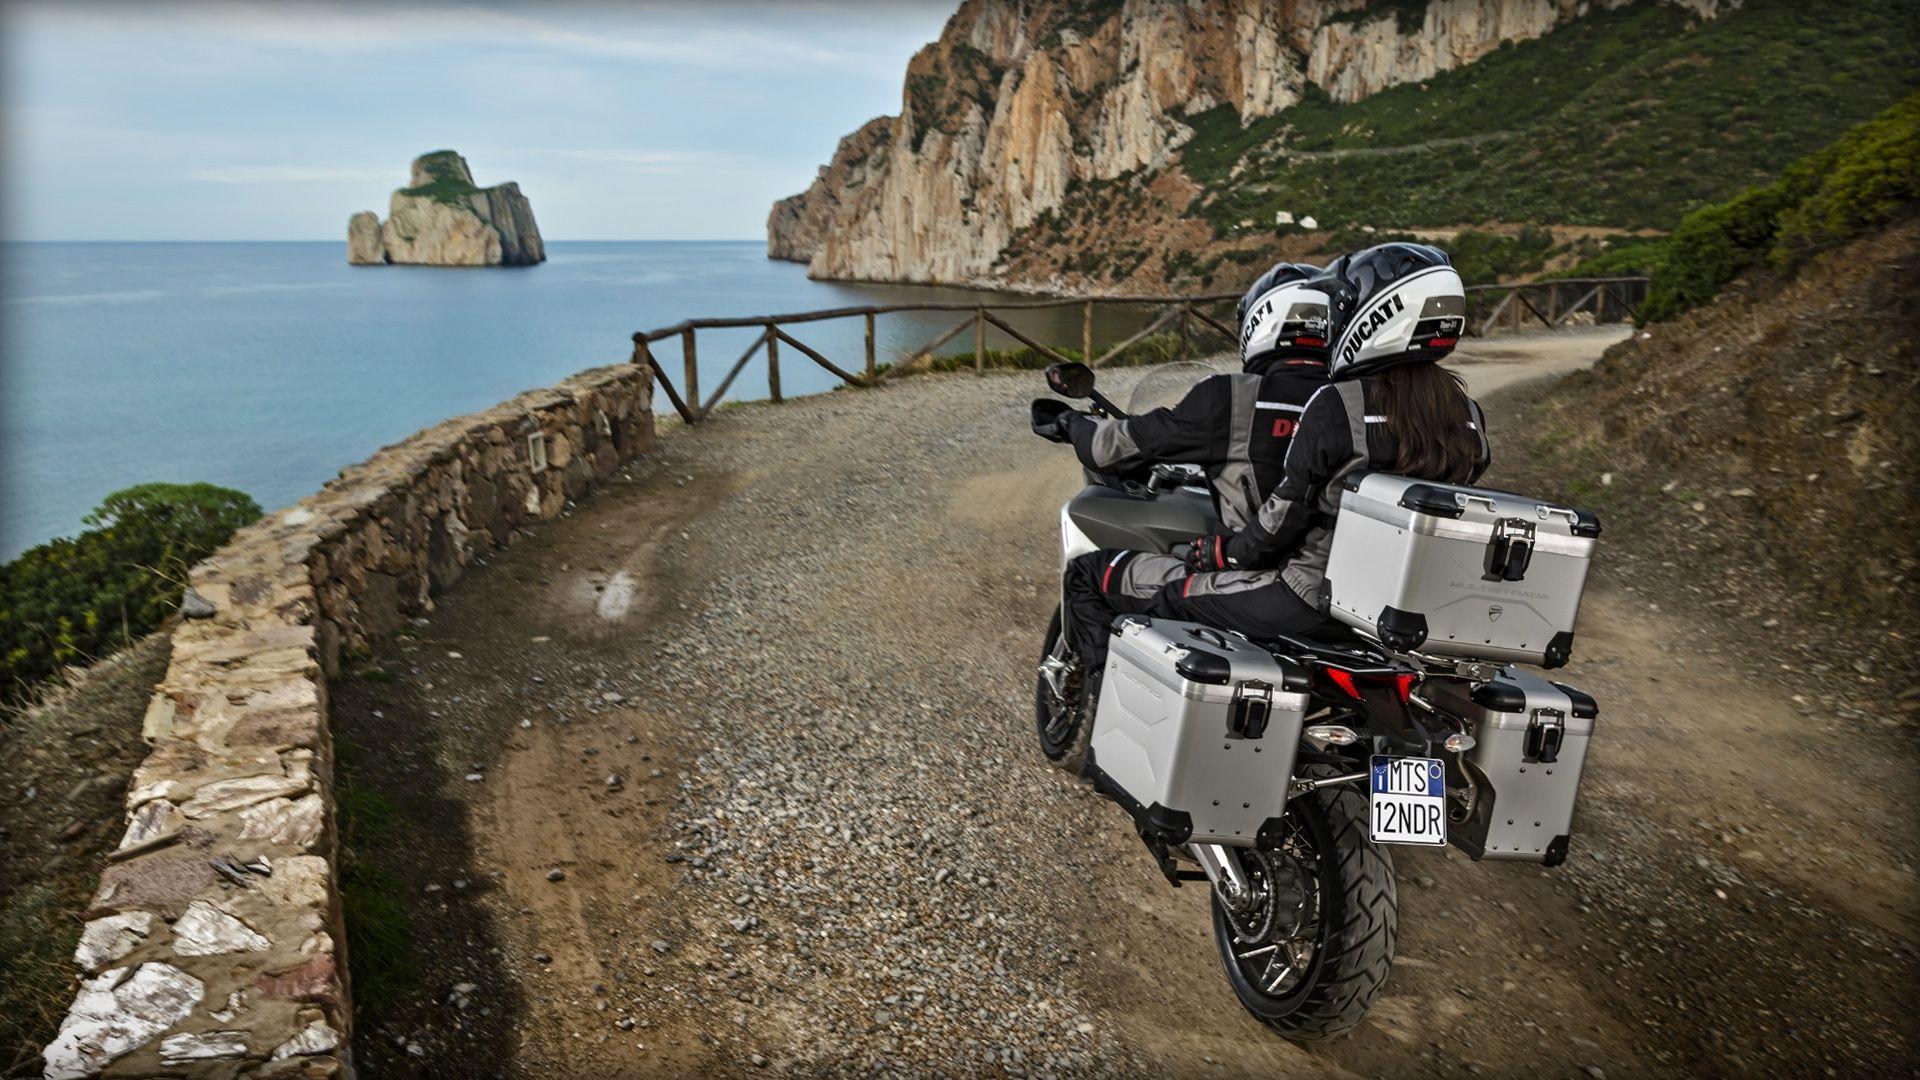 2016 Ducati Multistrada 1200 Enduro   Multistrada 1200 Enduro - Ocean